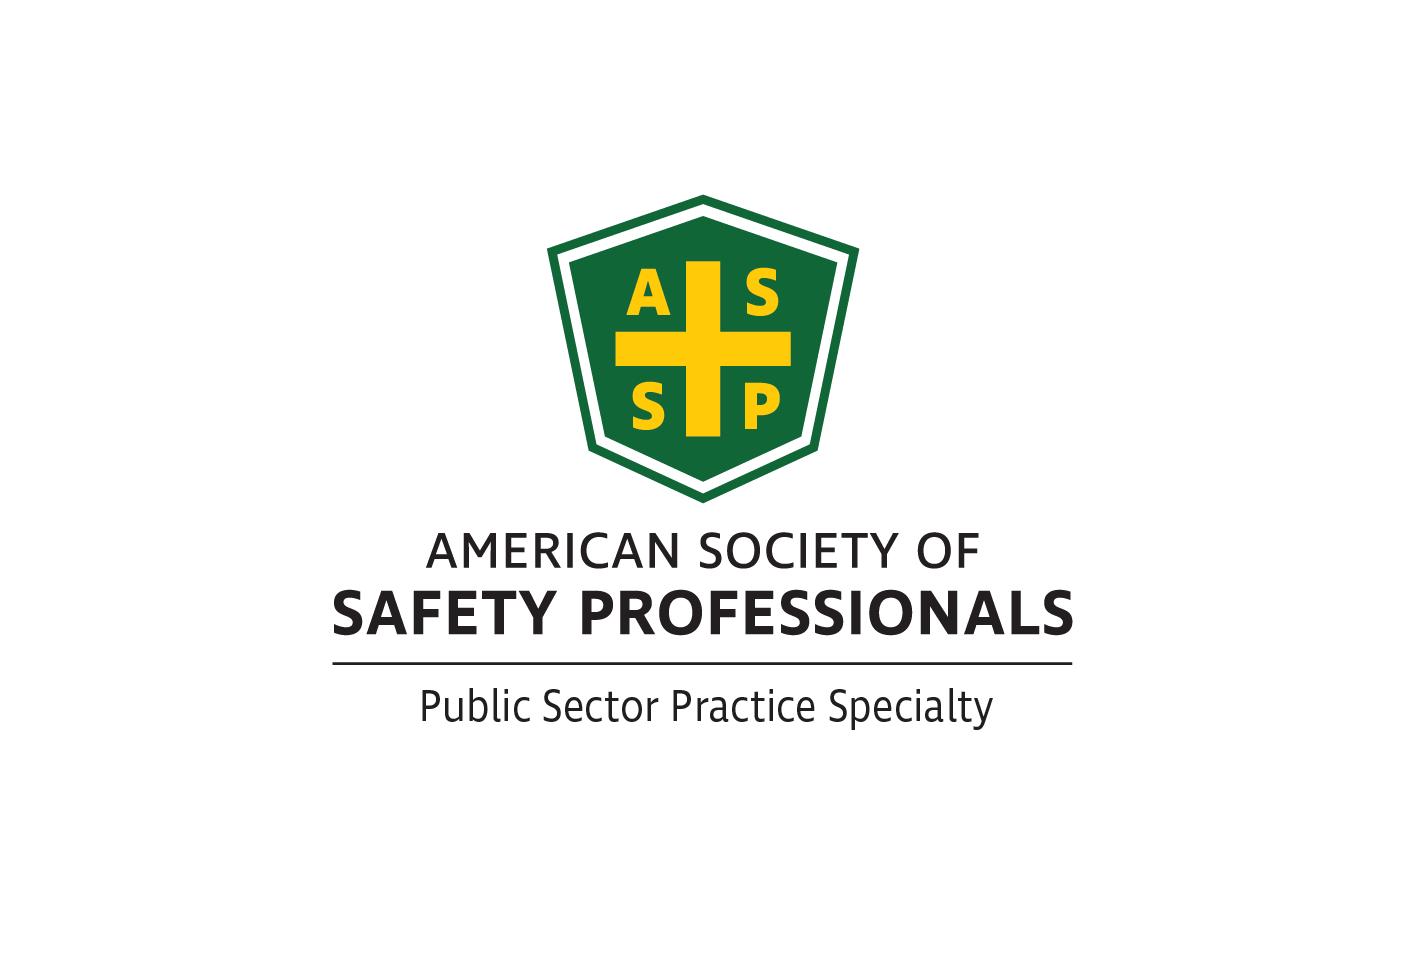 Public Sector Practice Specialty